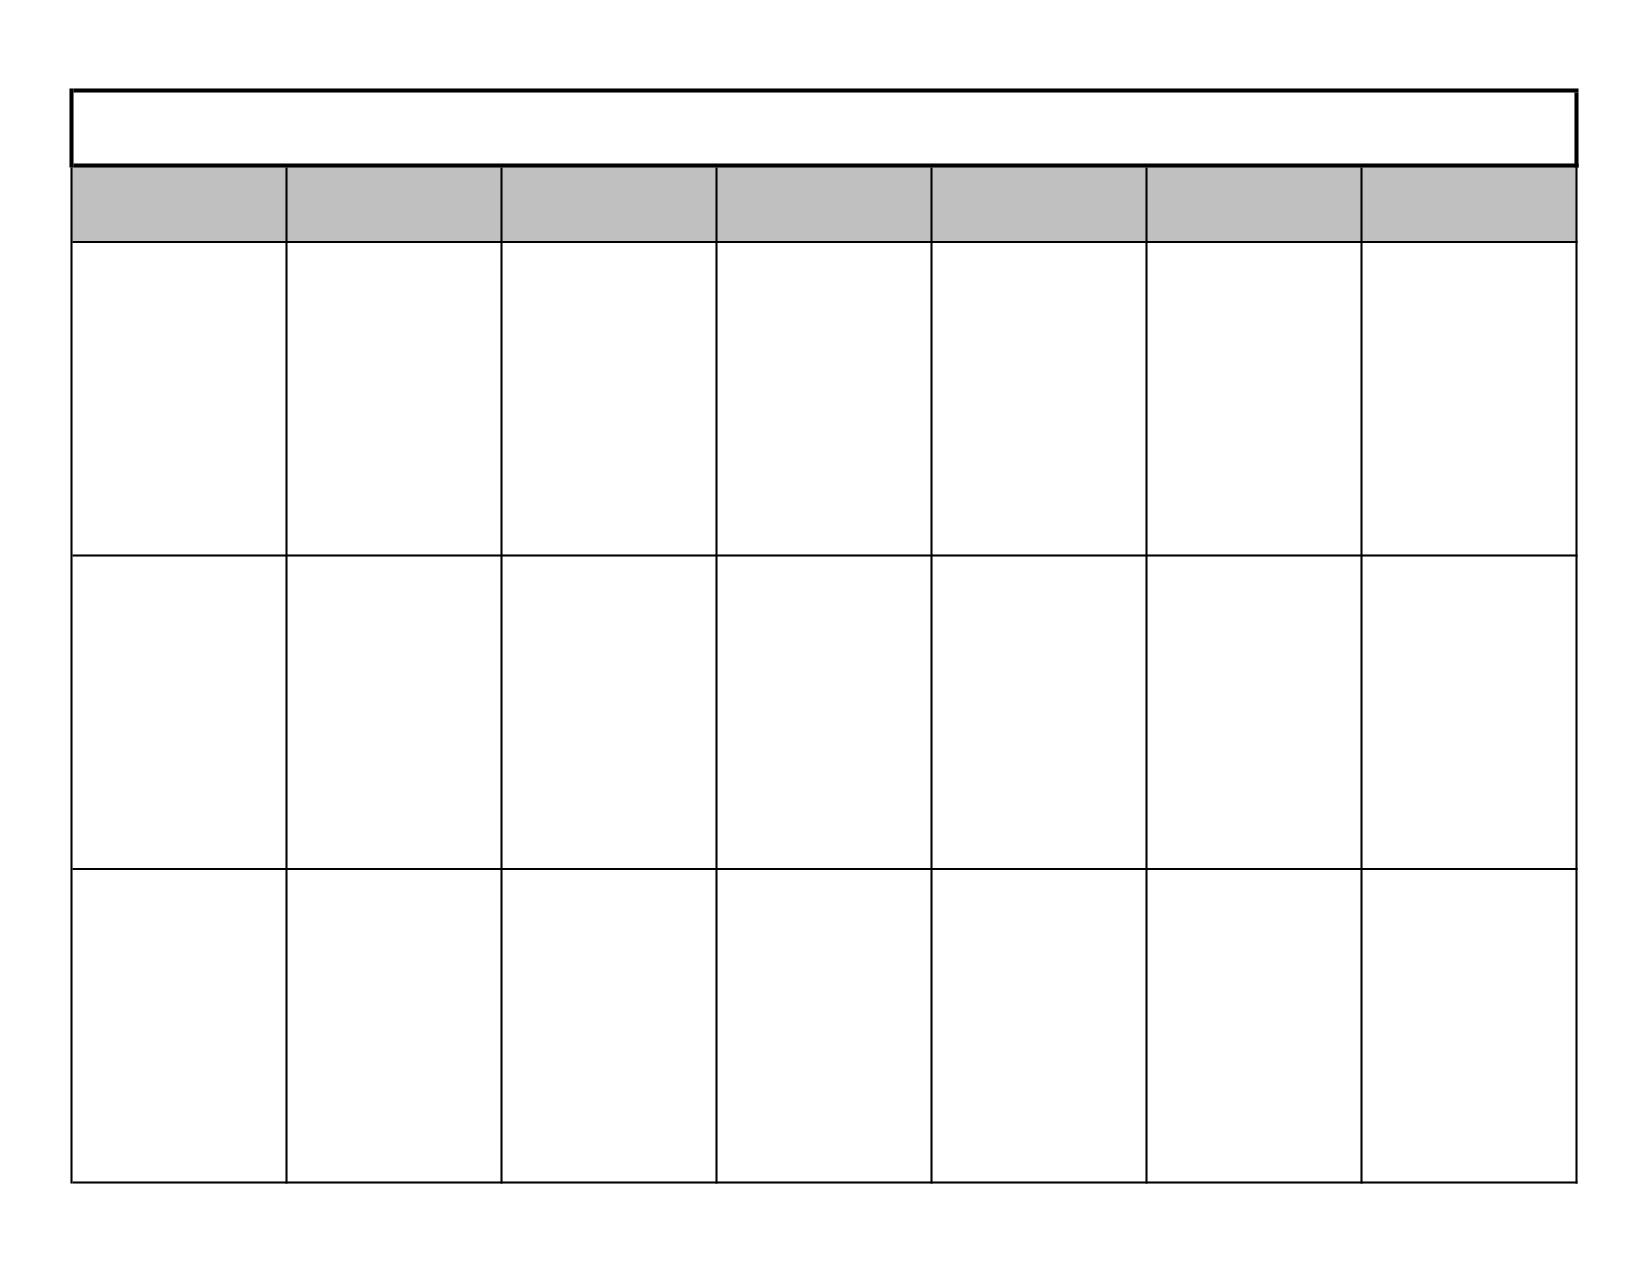 Week Calendar Template Free Blank Excel Weekly Le For Pdf Version